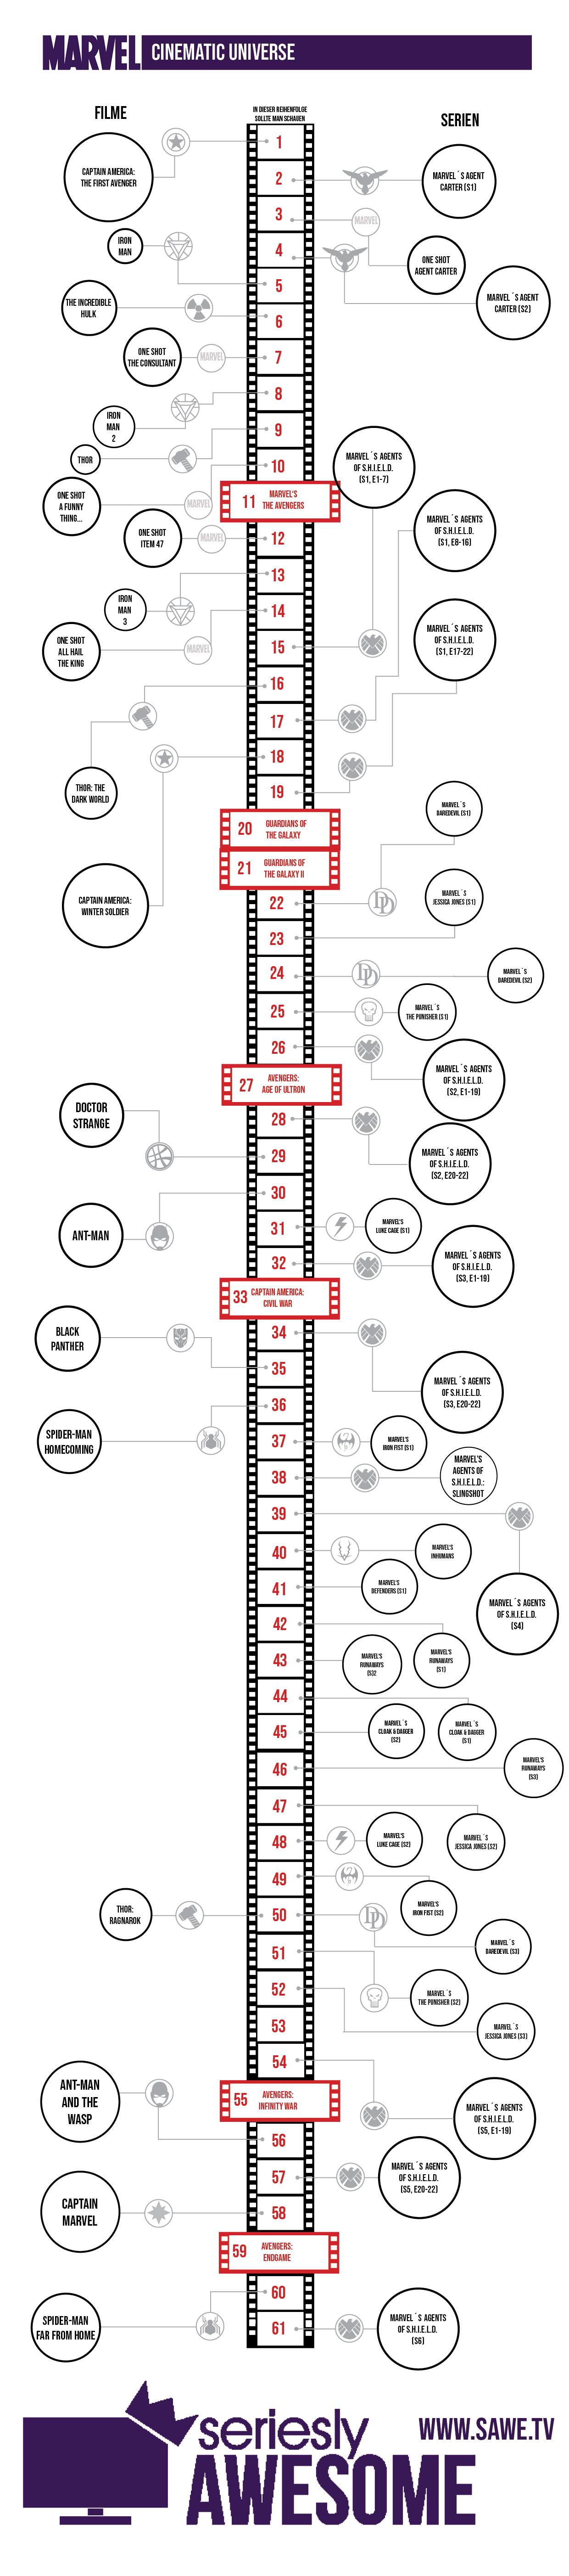 Marvel Timeline Die Serien Und Filme In Der Richtigen Reihenfolge Schauen Infografik Zum Marvel Cinematic Universe Wie Die Avengers Filme Mit Den Netflix Und Abc Serien Verbunden Sind Seriesly Awesome